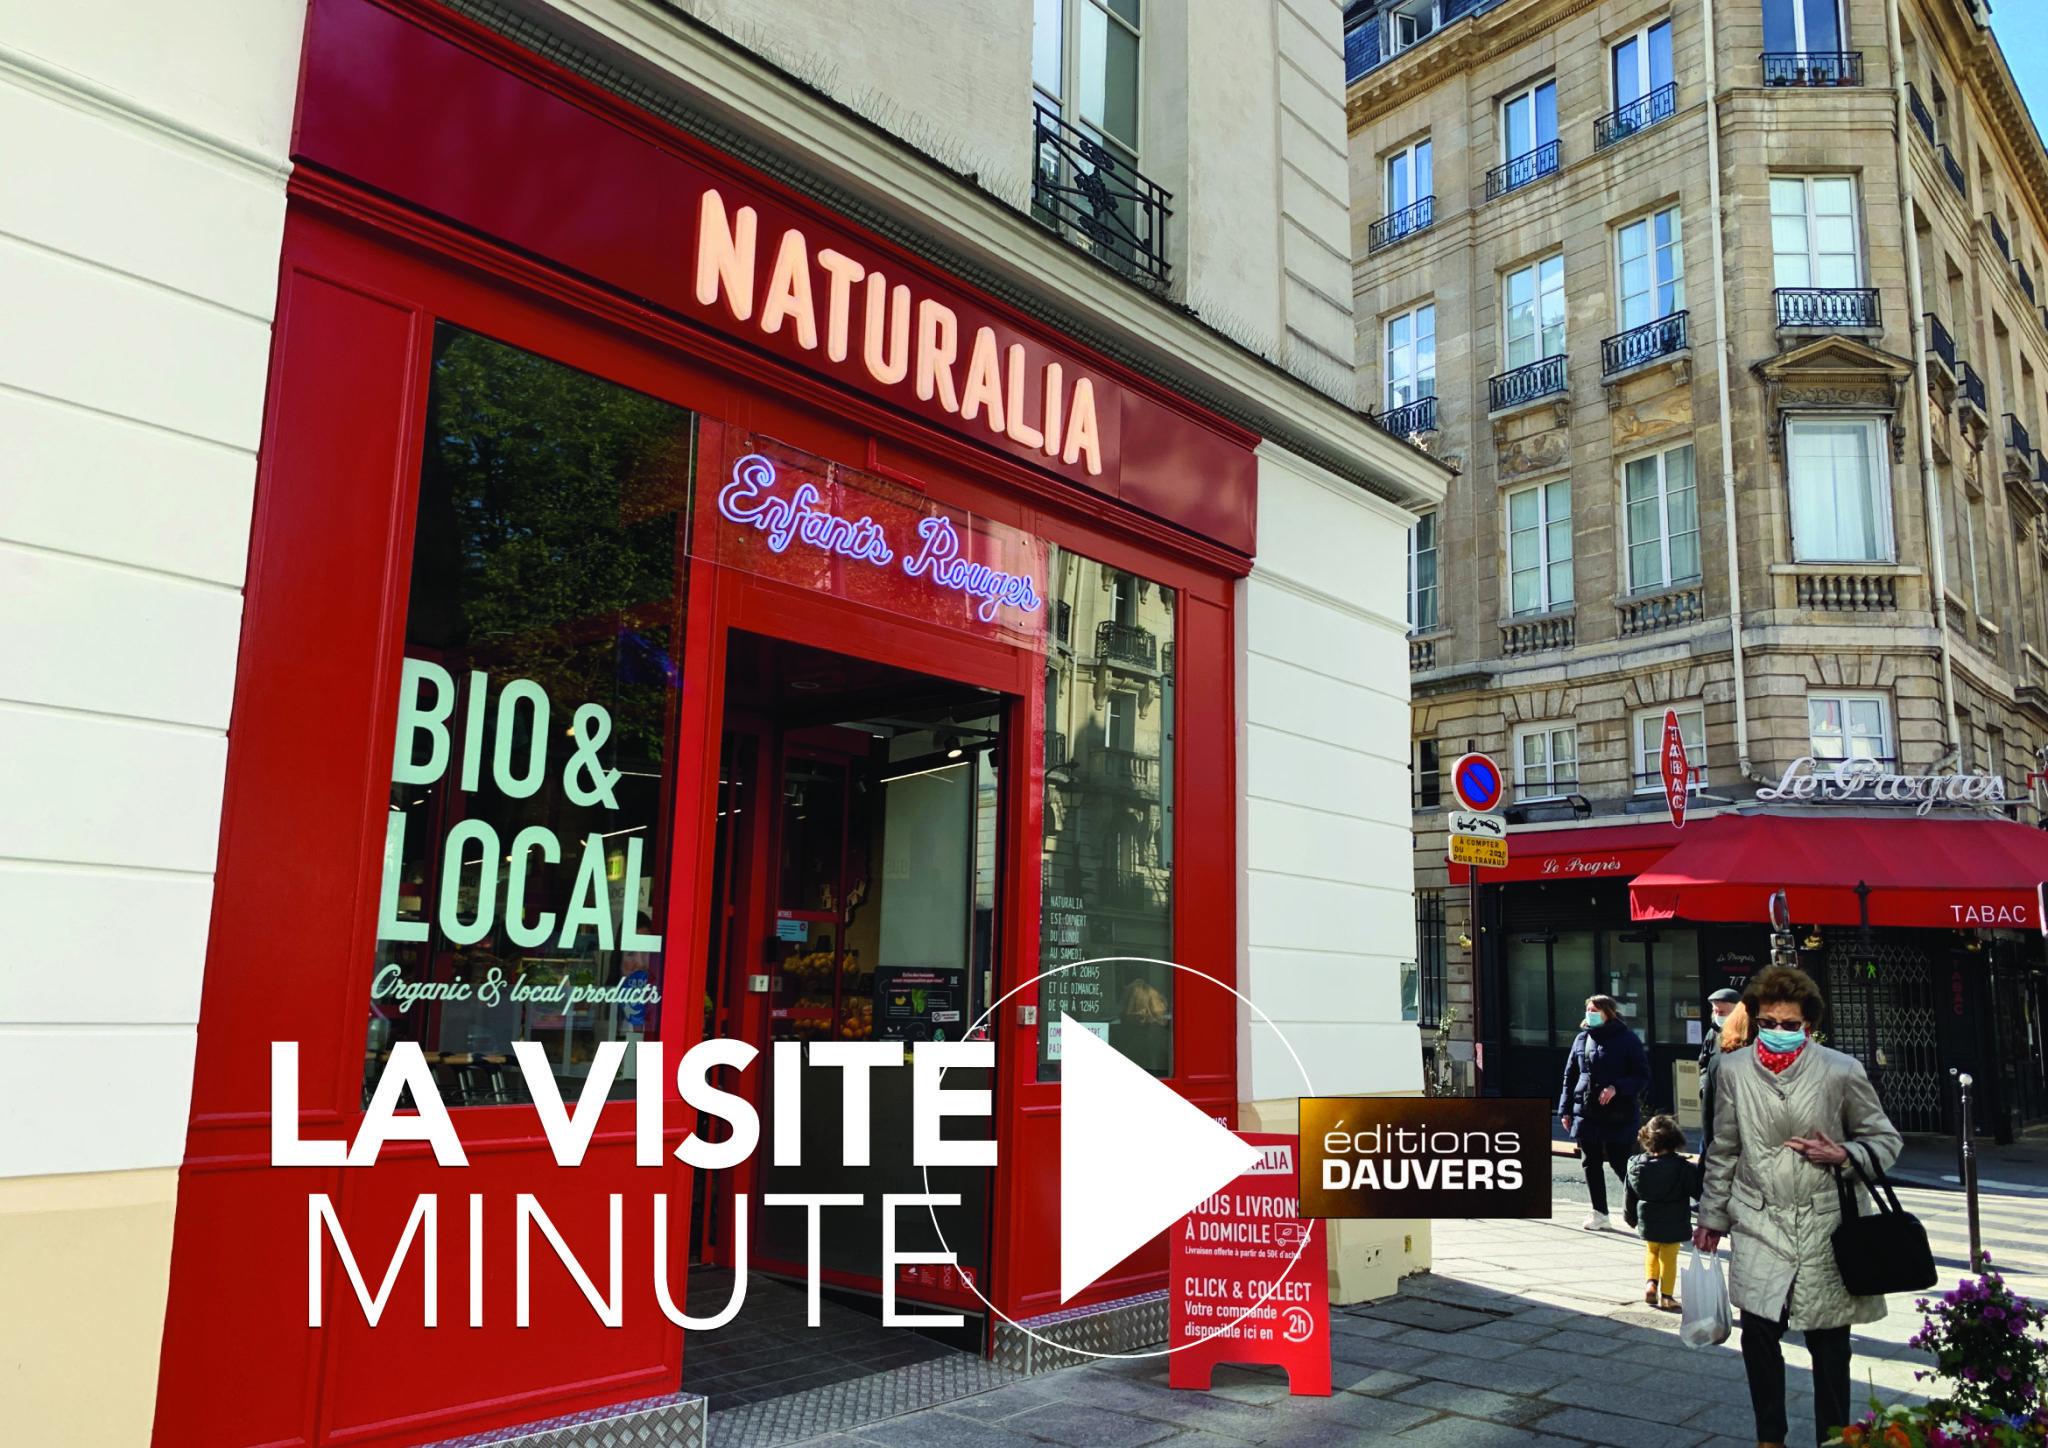 La Visite Minute NaturaliaMise en page 1_Page1